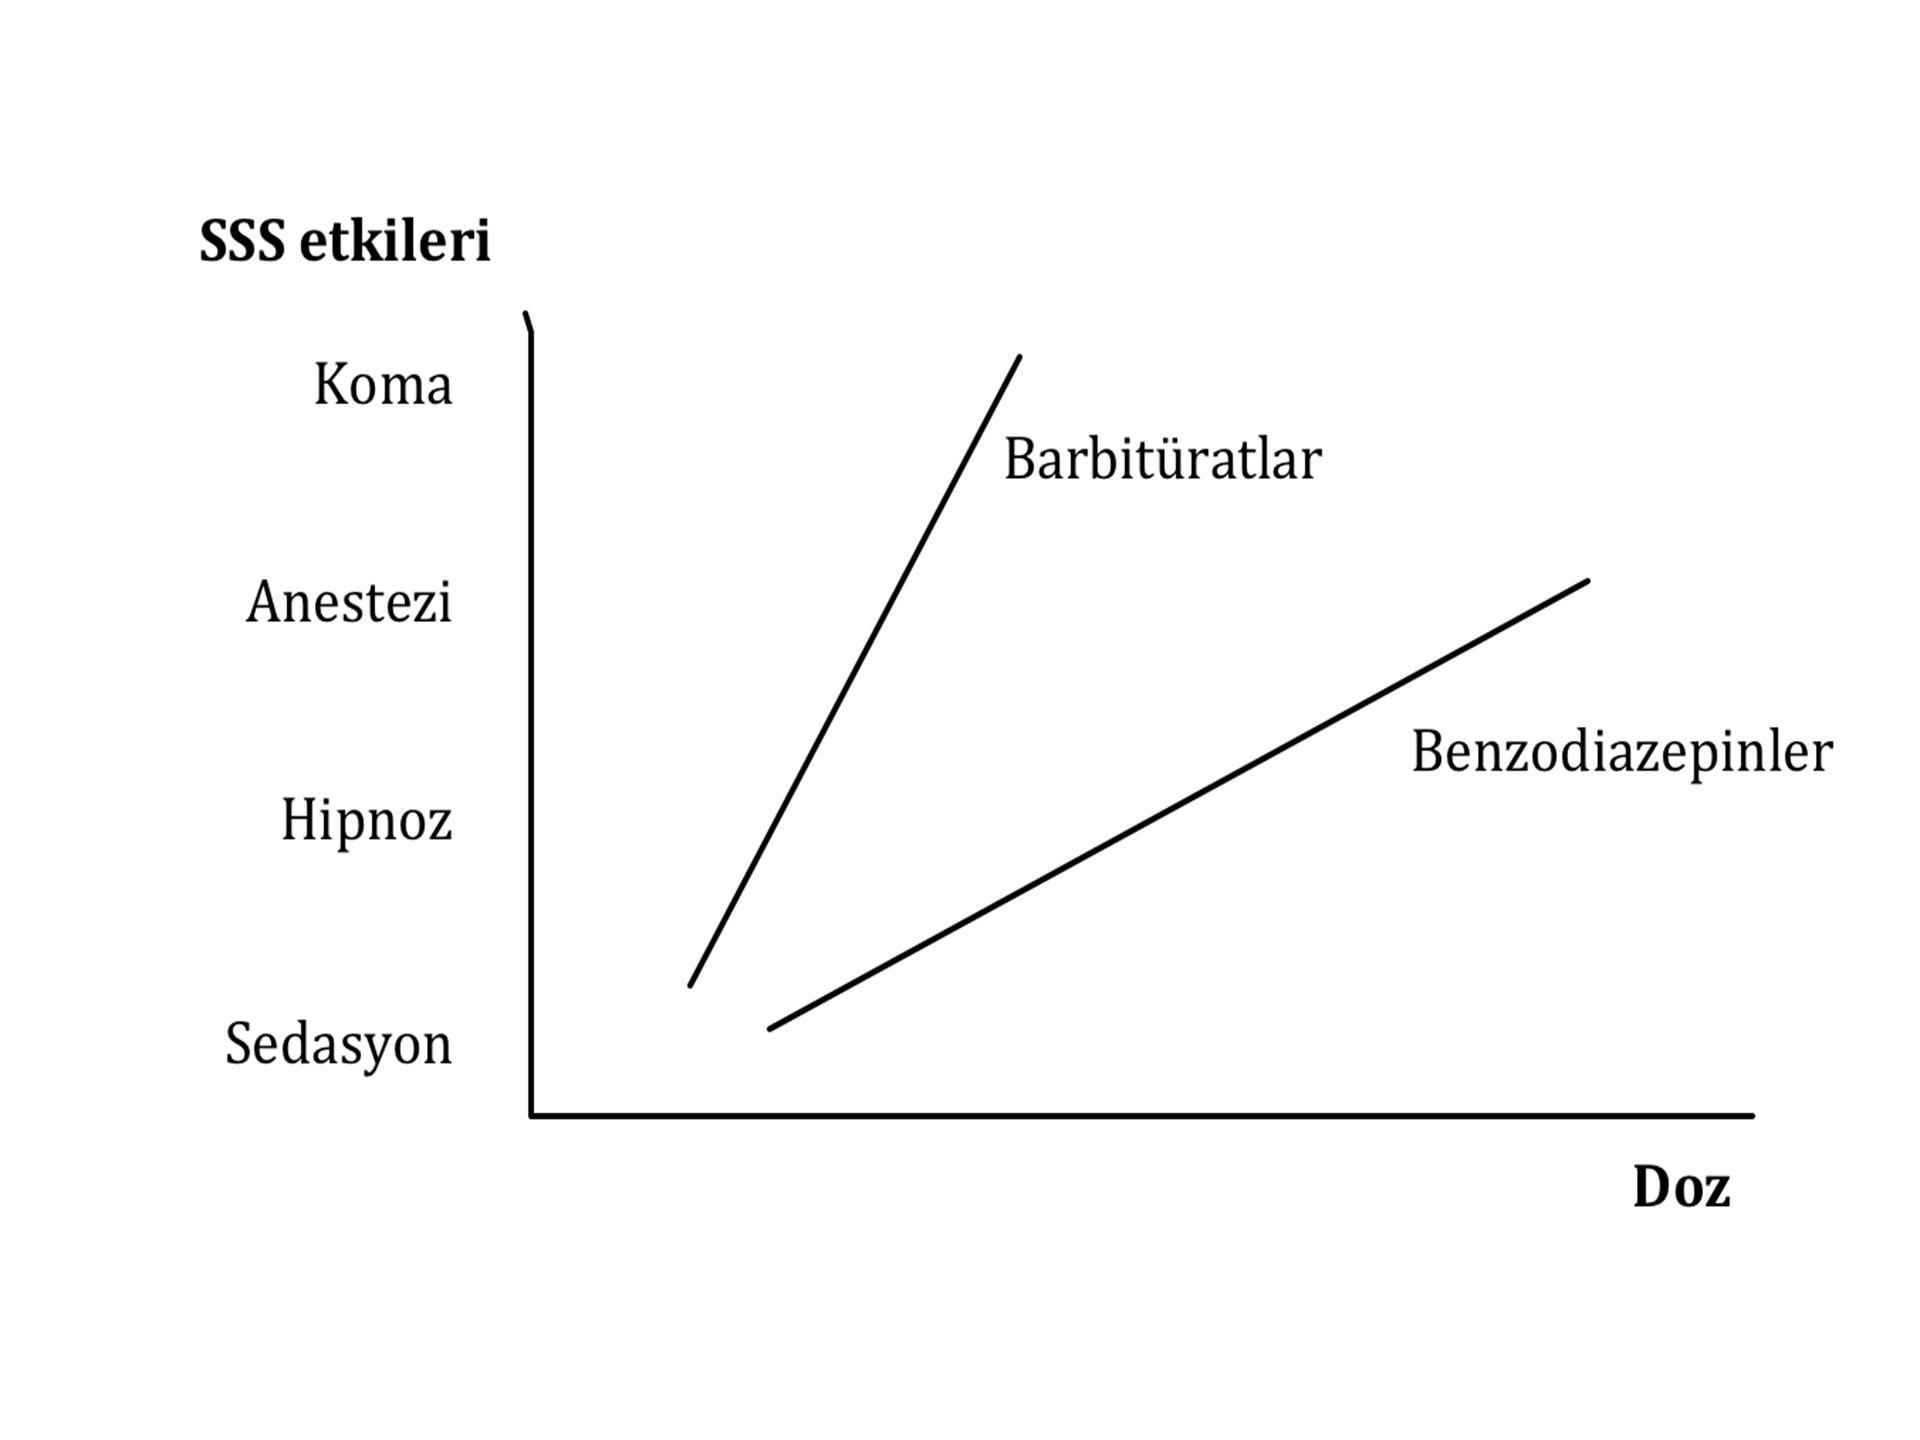 Ekstrapiramidal Yan Etkiler –Akut distonik reaksiyonlar –Akatisia –Parkinsonizm –Tardif diskinezi Sedasyon Otonomik Yan Etkiler –Ortostatik hipotansiyon (  -blokaj) –Atropin benzeri etkiler: Ağız-boğaz kuruluğu, midriyazis, bulanık görme, konstipasyon, ileus, taşikardi, idrar retansiyonu (anti muskarinik etkili olanlar) Yan Etkiler